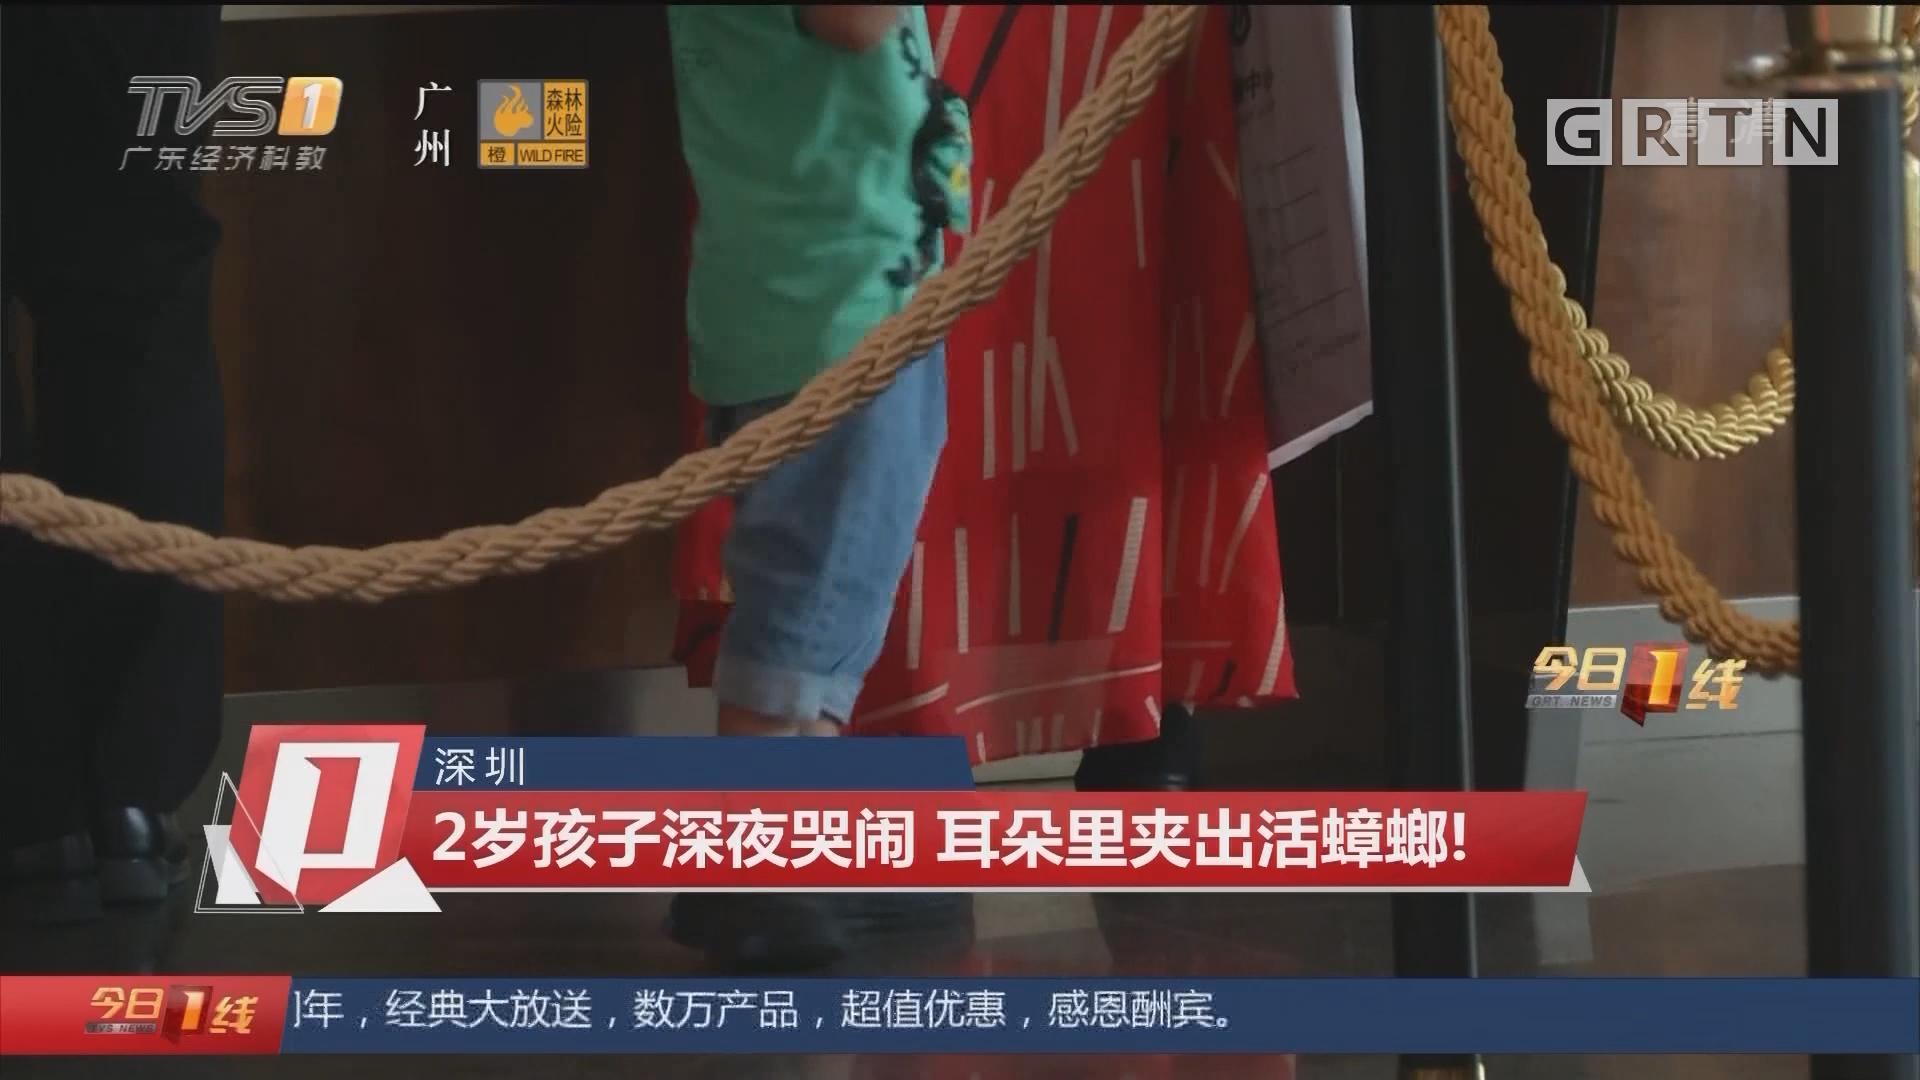 深圳:2岁孩子深夜哭闹 耳朵里夹出活蟑螂!